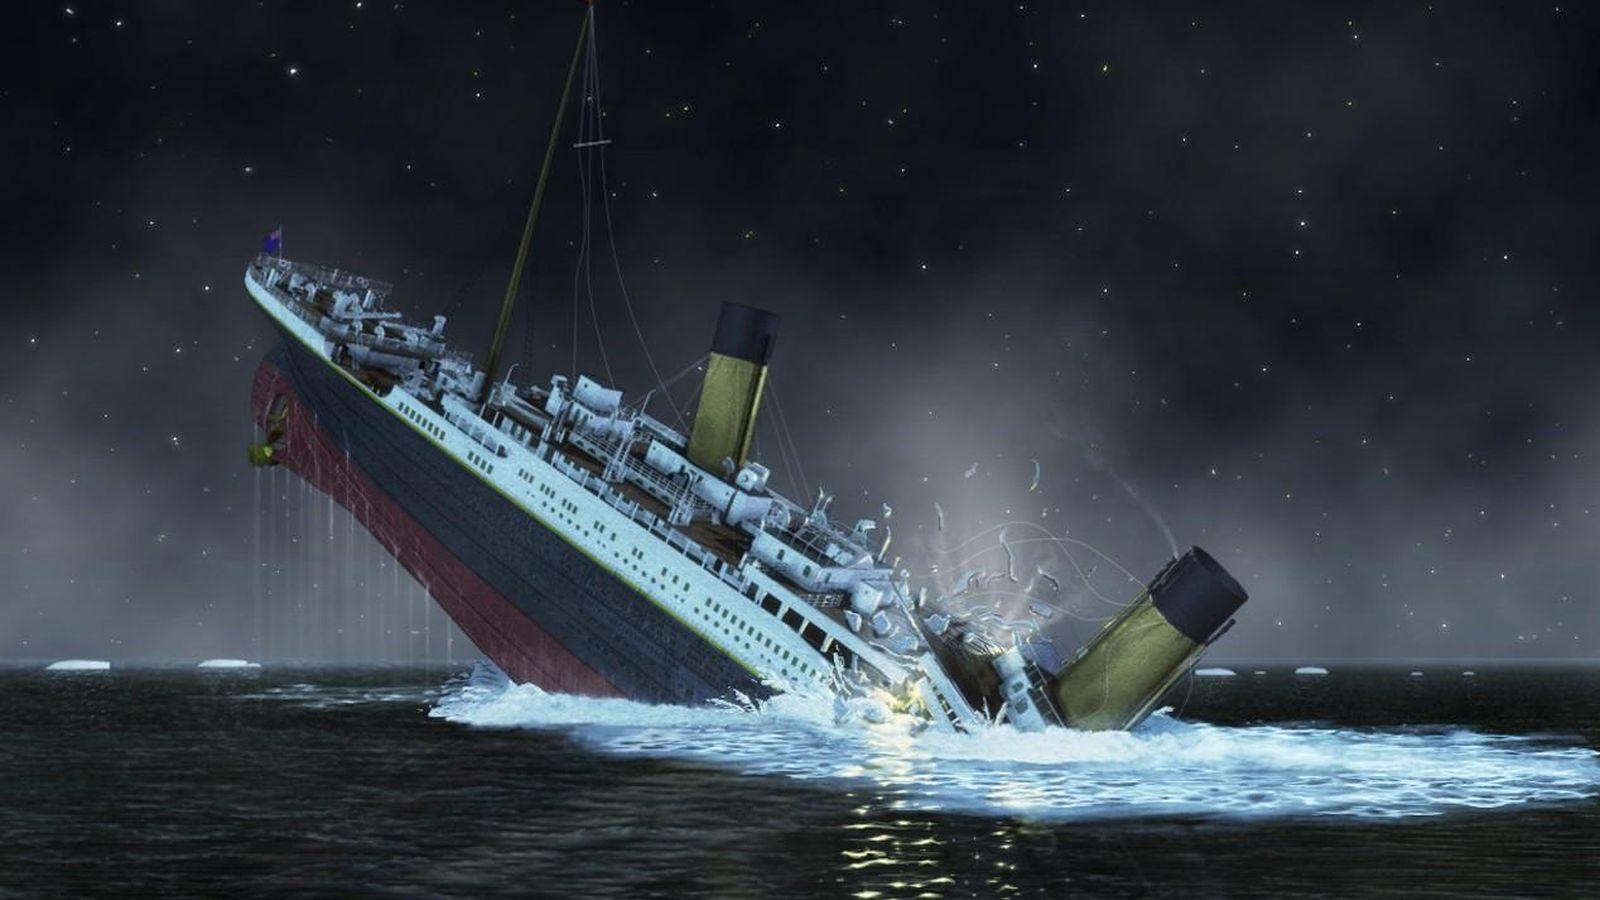 como-fueron-los-ultimos-momentos-en-el-titanic-segun-la-carta-de-un-superviviente